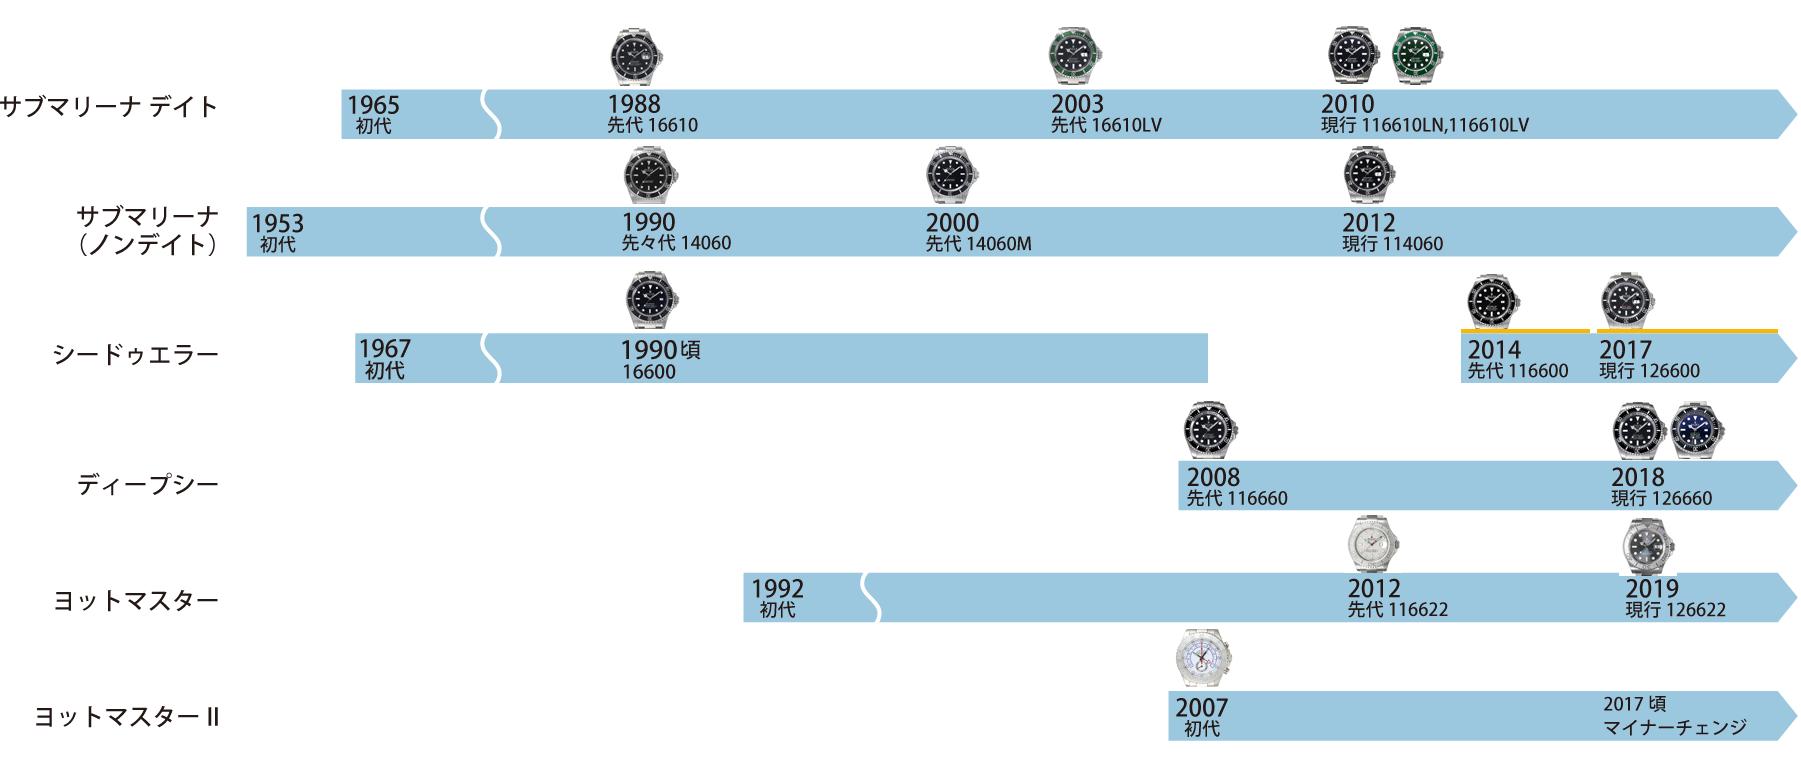 ロレックス 海モデルの歴史